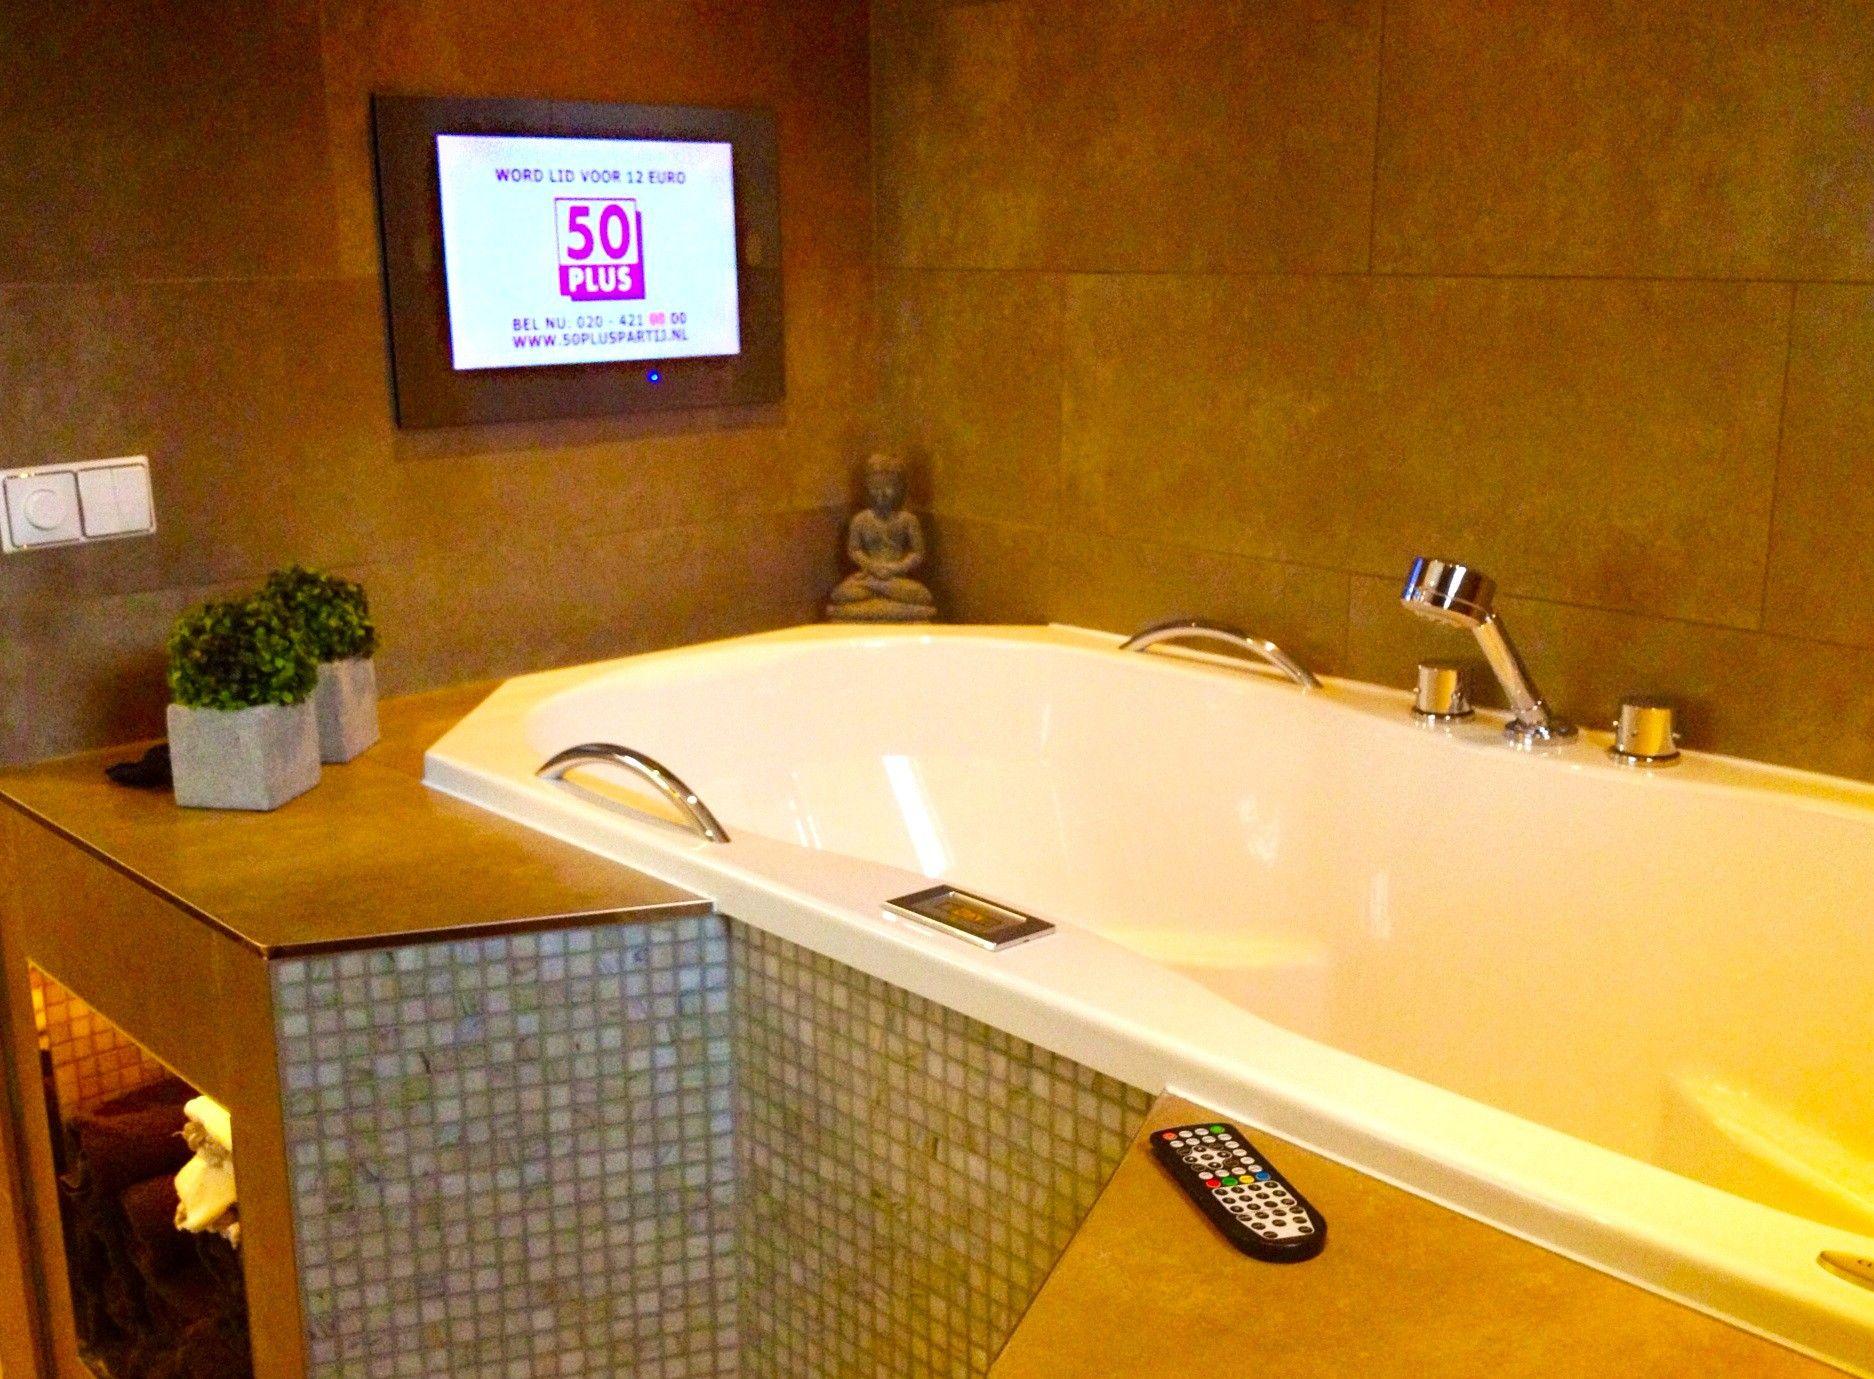 Spiegeltv 19 zoll splashvision bigsplash abi19m wasserdichtes spiegeltv 19 zoll - Vde 0100 badezimmer ...